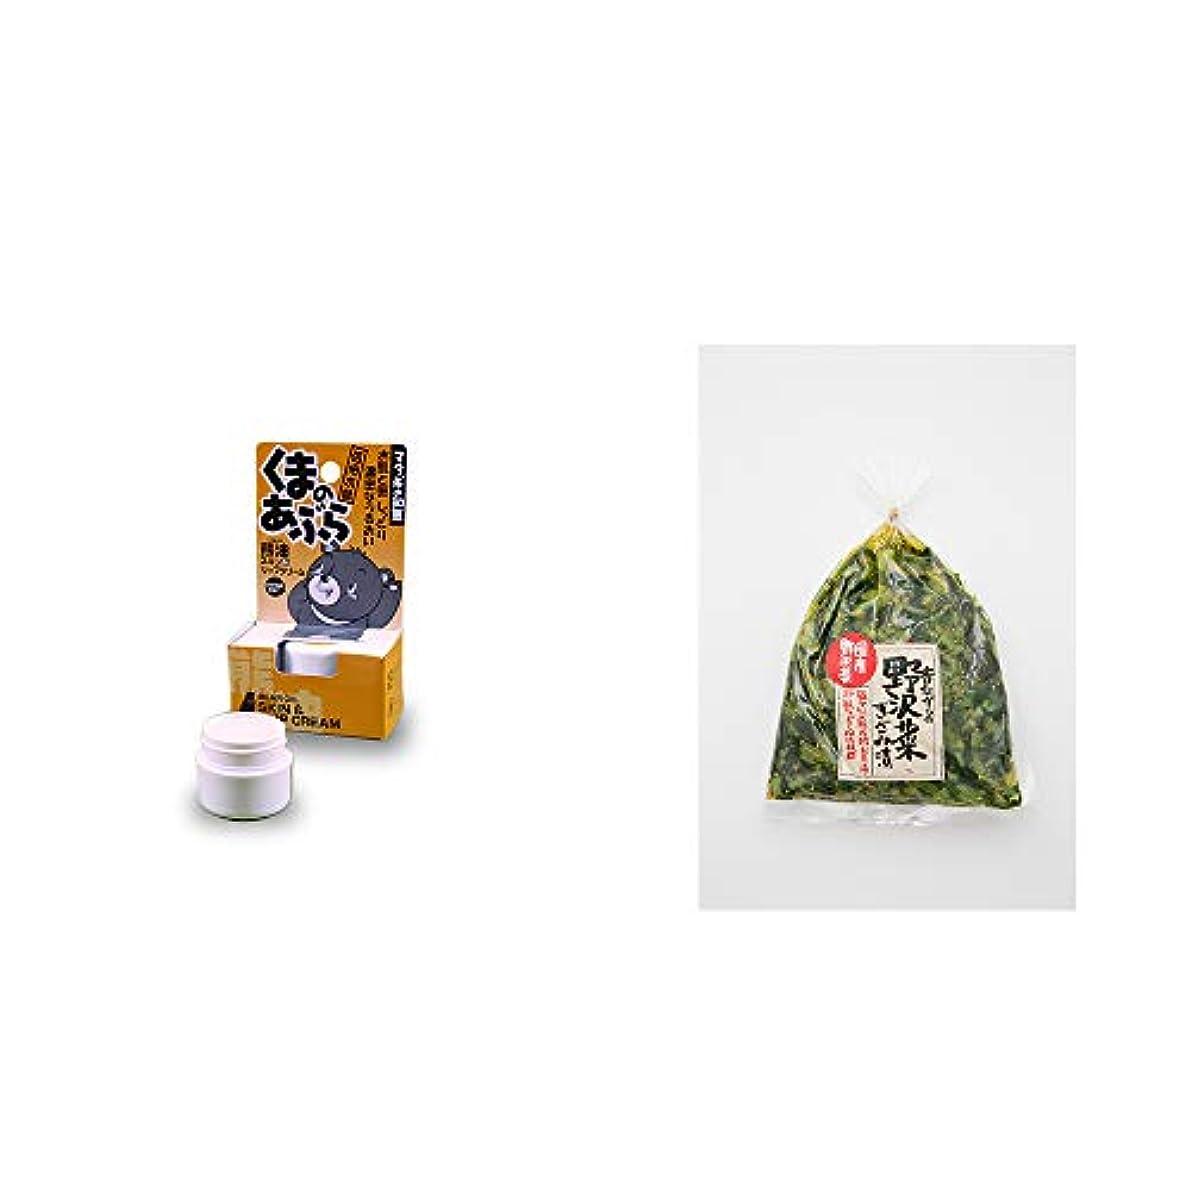 巨大欠かせない熟練した[2点セット] 信州木曽 くまのあぶら 熊油スキン&リップクリーム(9g)?国産 昔ながらの野沢菜きざみ漬け(150g)